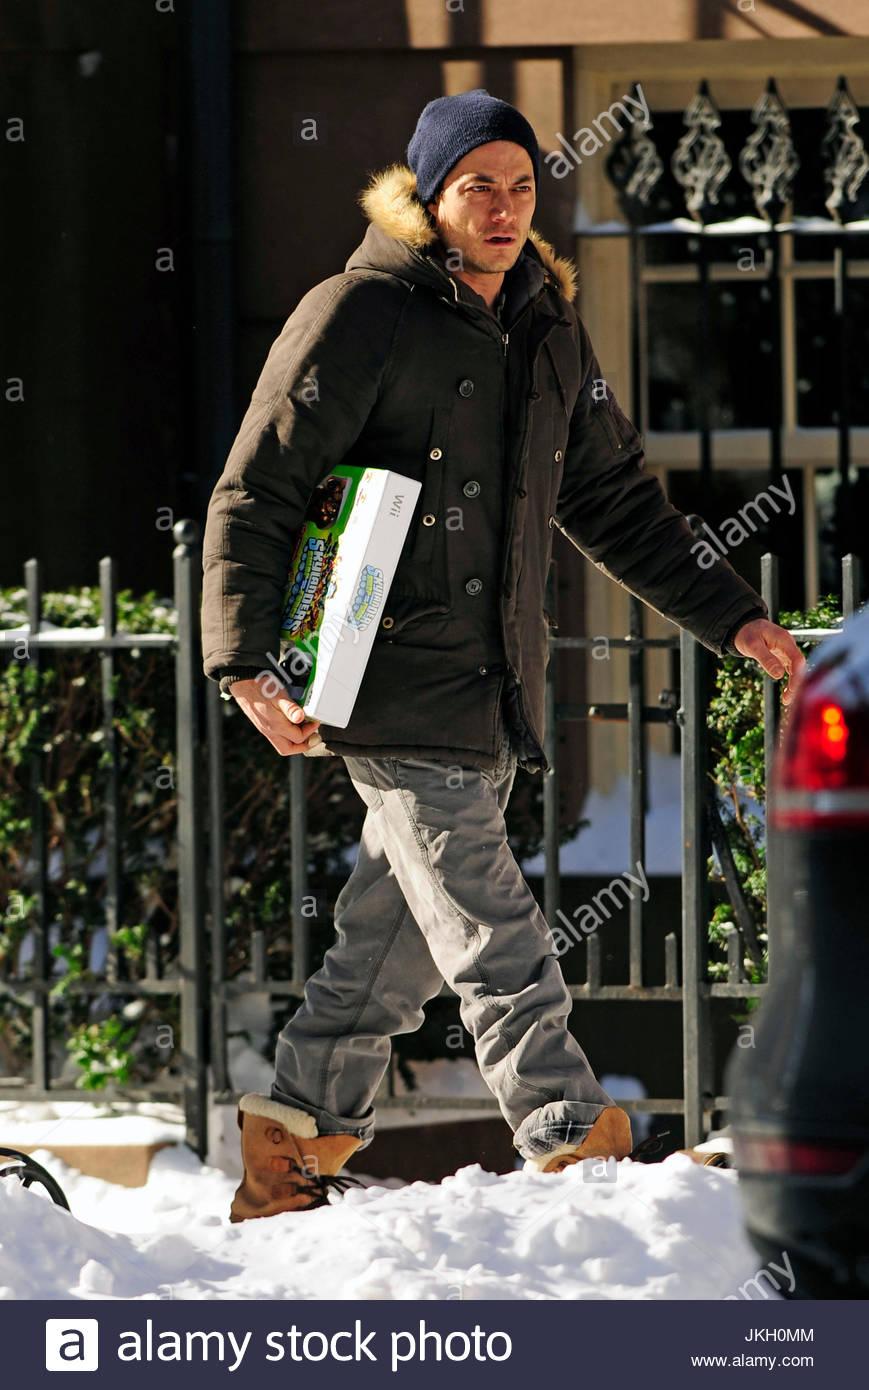 Shane Deary Shane Deary Shane Deary Carries The Wii Game Skylanders While